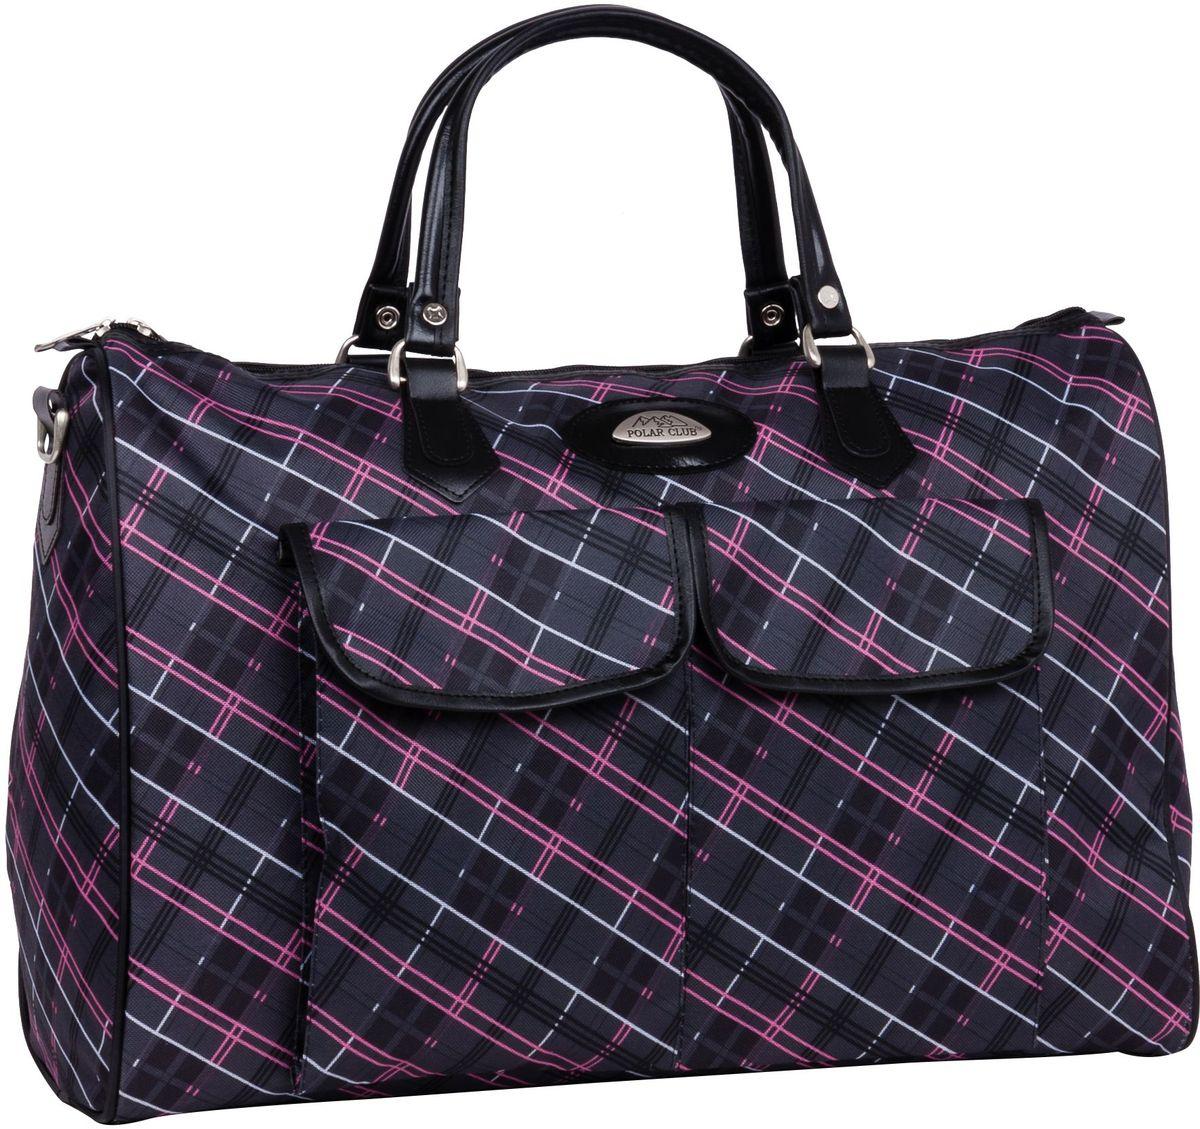 Сумка дорожная Polar Инесса, цвет: темно-серый, розовый, 35 л. 8095-4384MABLSEH10001Вместительная недорогая дорожная сумка Polar Инесса выполнена из полиэстера с водоотталкивающей пропиткой. Внутри дополнительный карман для документов. Снаружи - два кармана (на внешней и внутренней стороне сумки) для мелких предметов. Ручки выполнены из высокопрочного кожзаменителя. В комплект входит съемный плечевой ремень.